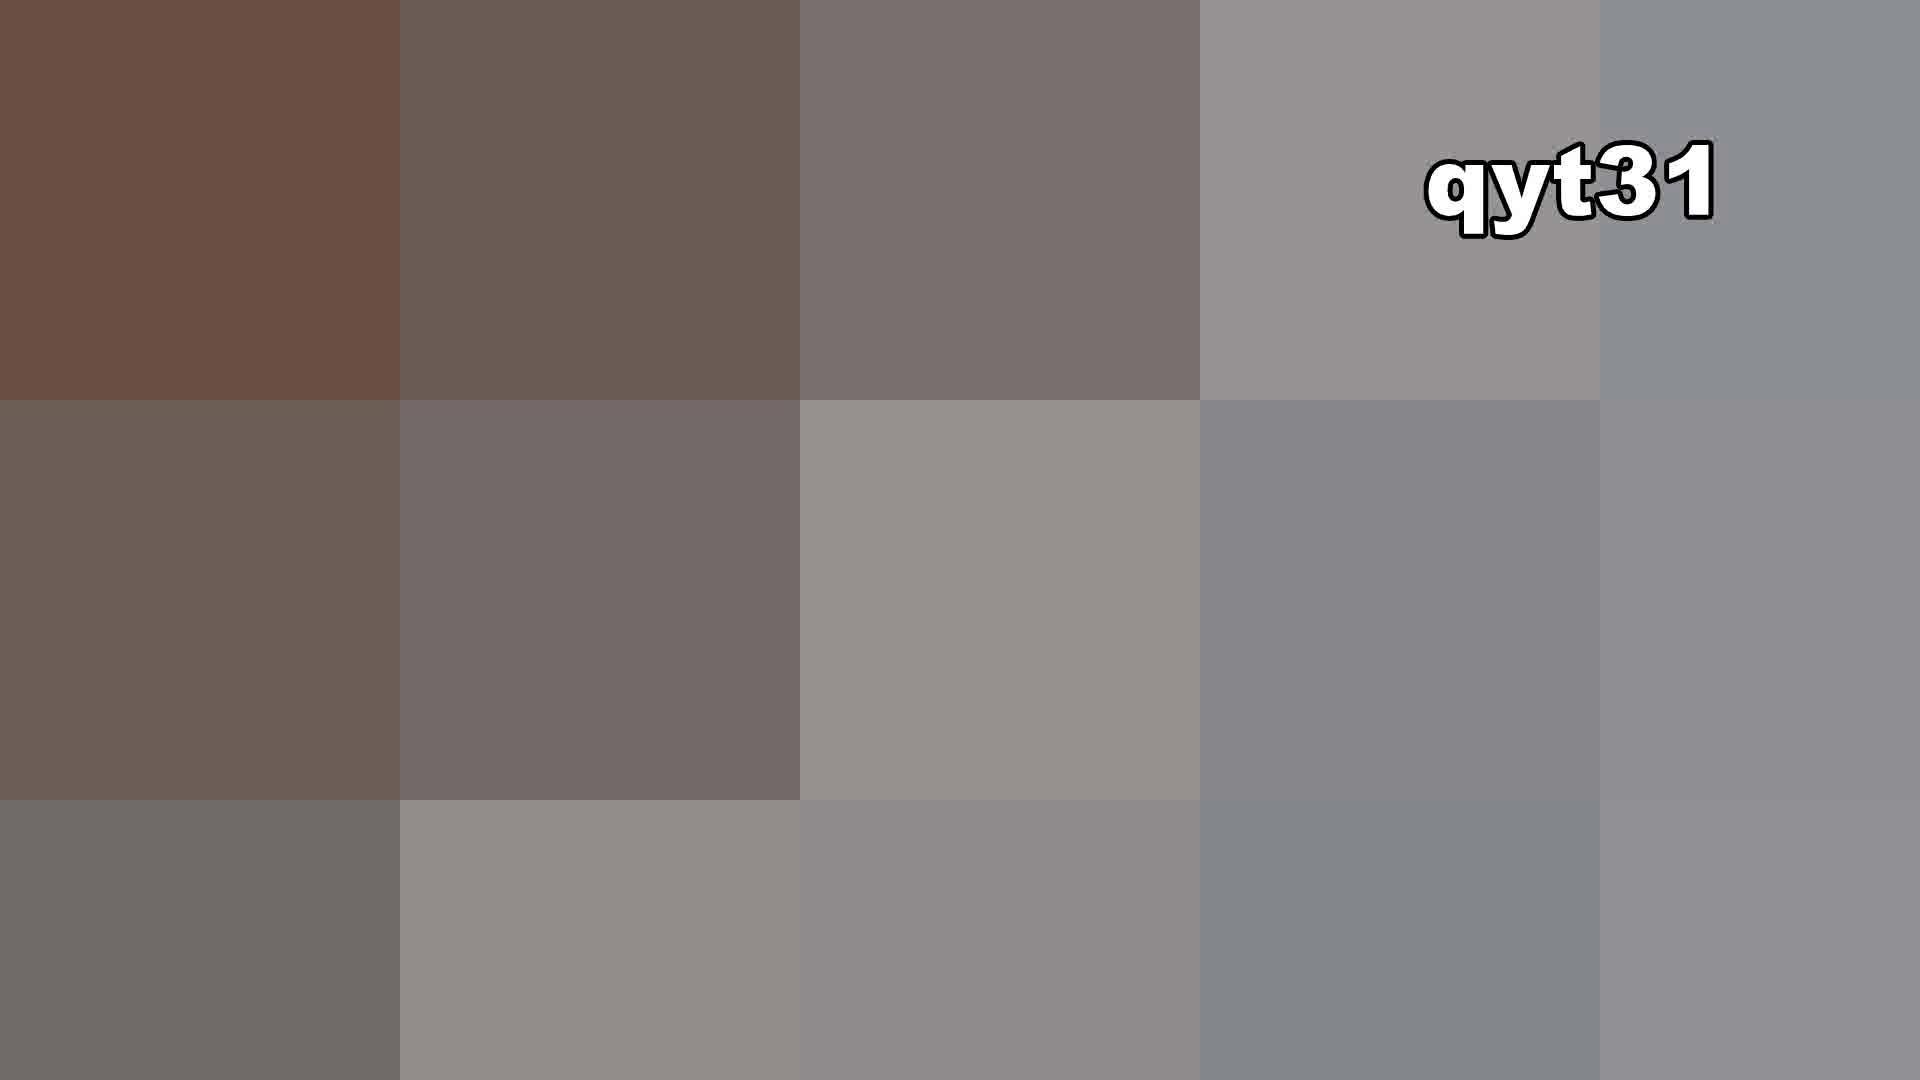 お銀さんの「洗面所突入レポート!!」 vol.31 Σ(||゚Д゚)ヒィ~!! 色っぽいOL達 | 洗面所  98pic 85